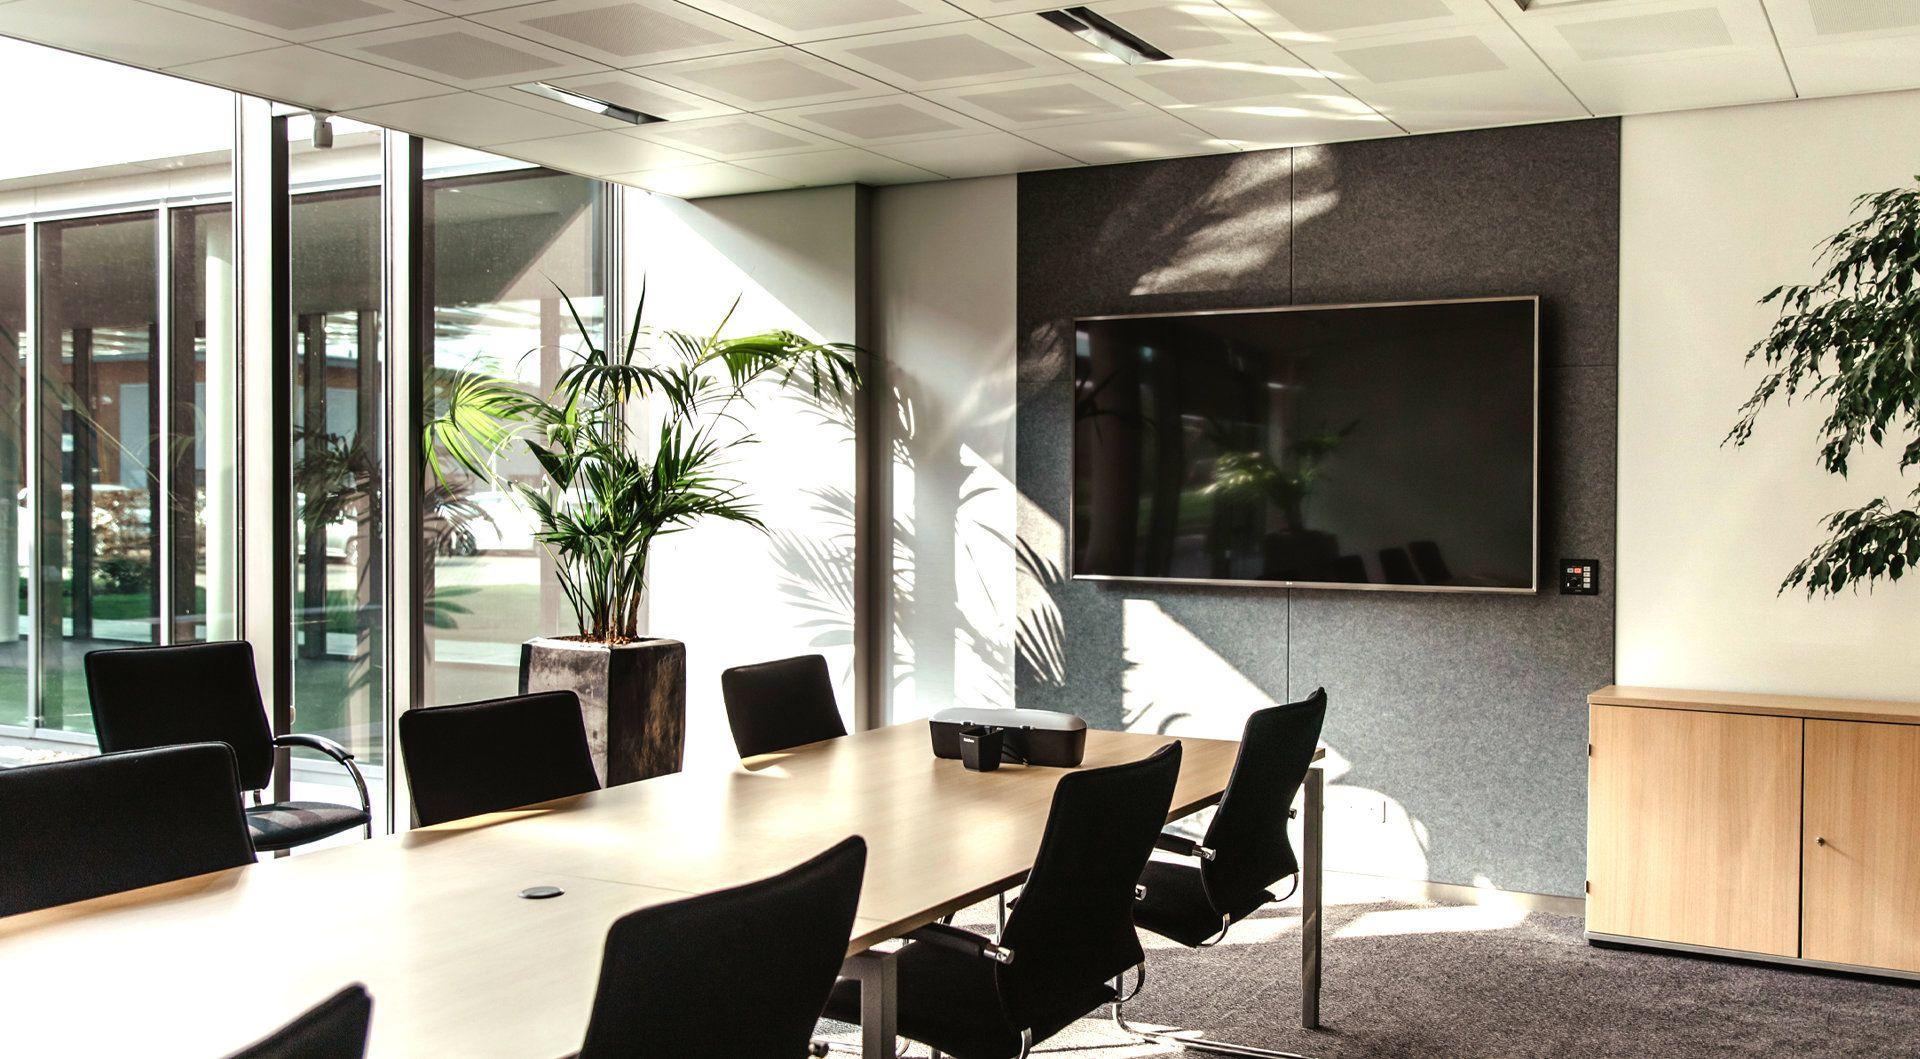 Prowise iPro Wall Lift Zwart, Grijs - Case studie de vries